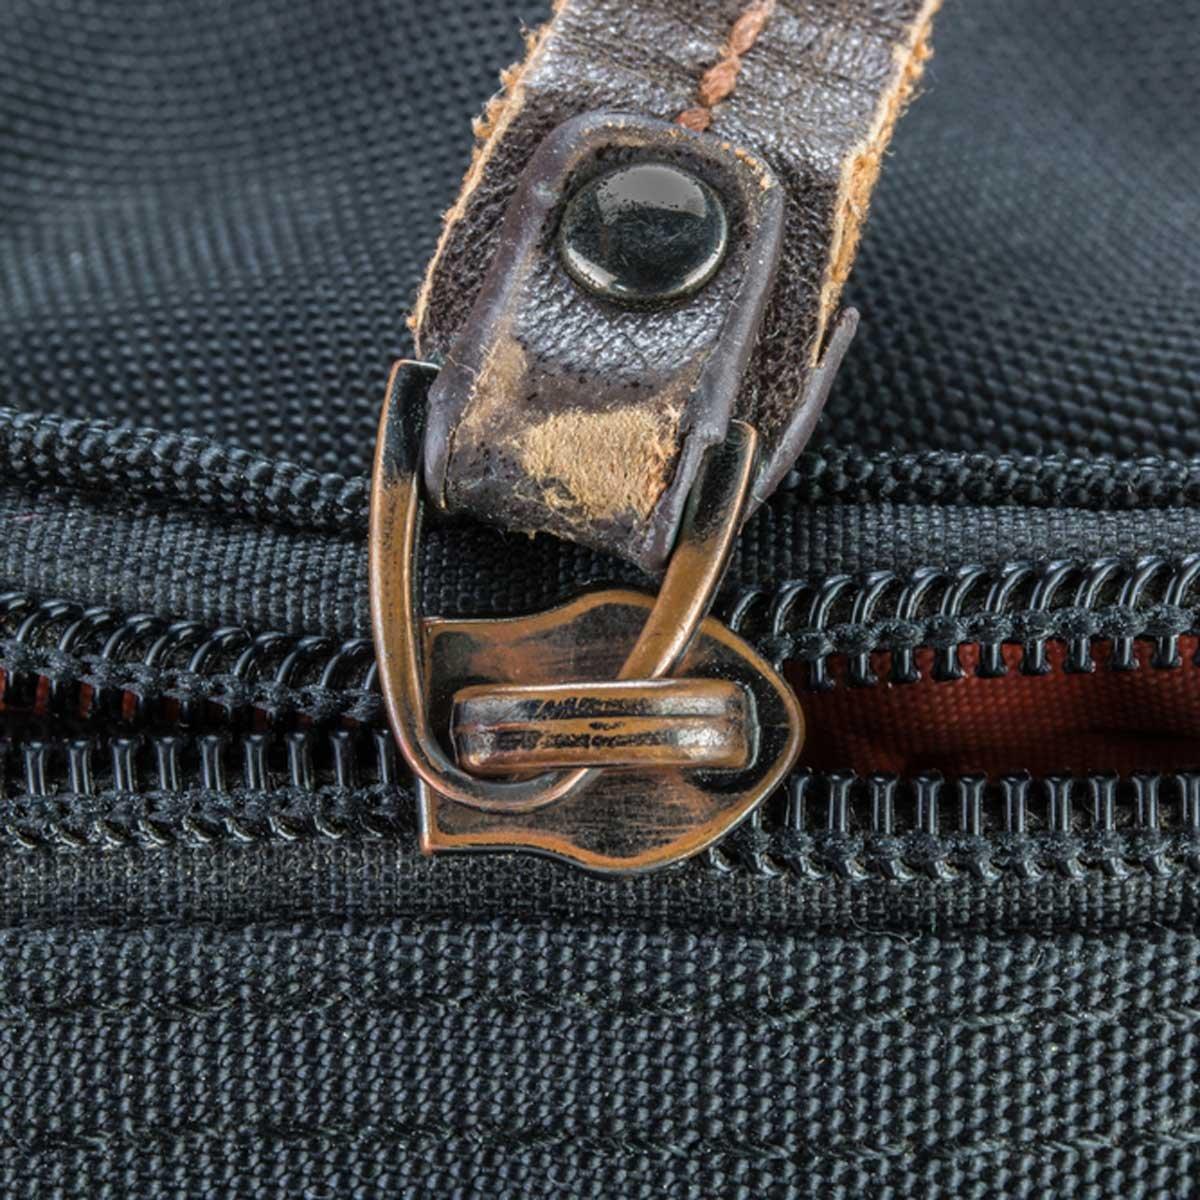 how to fix a zipper